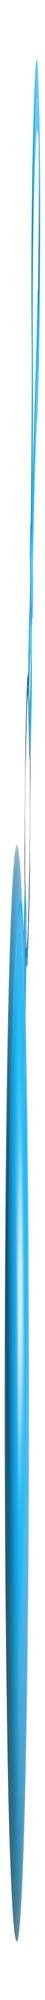 Дождевик в круглом футляре NIMBUS, голубой